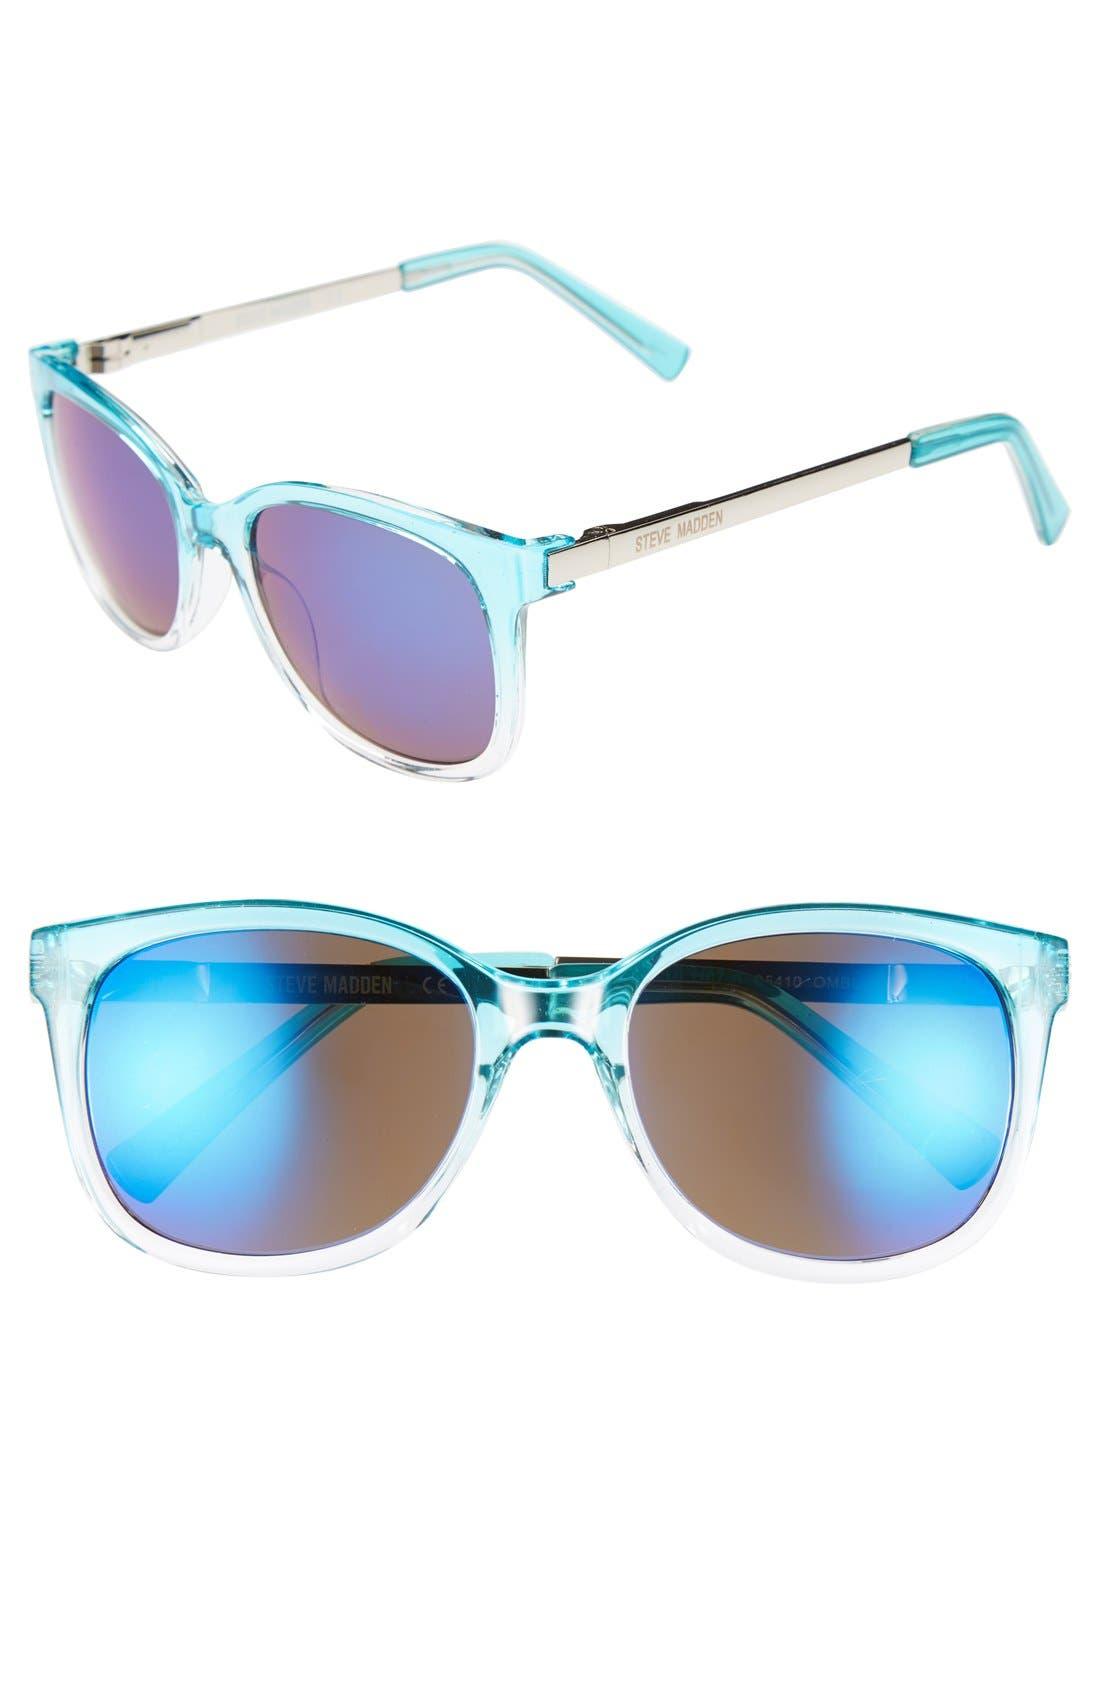 Alternate Image 1 Selected - Steve Madden 52mm Sunglasses